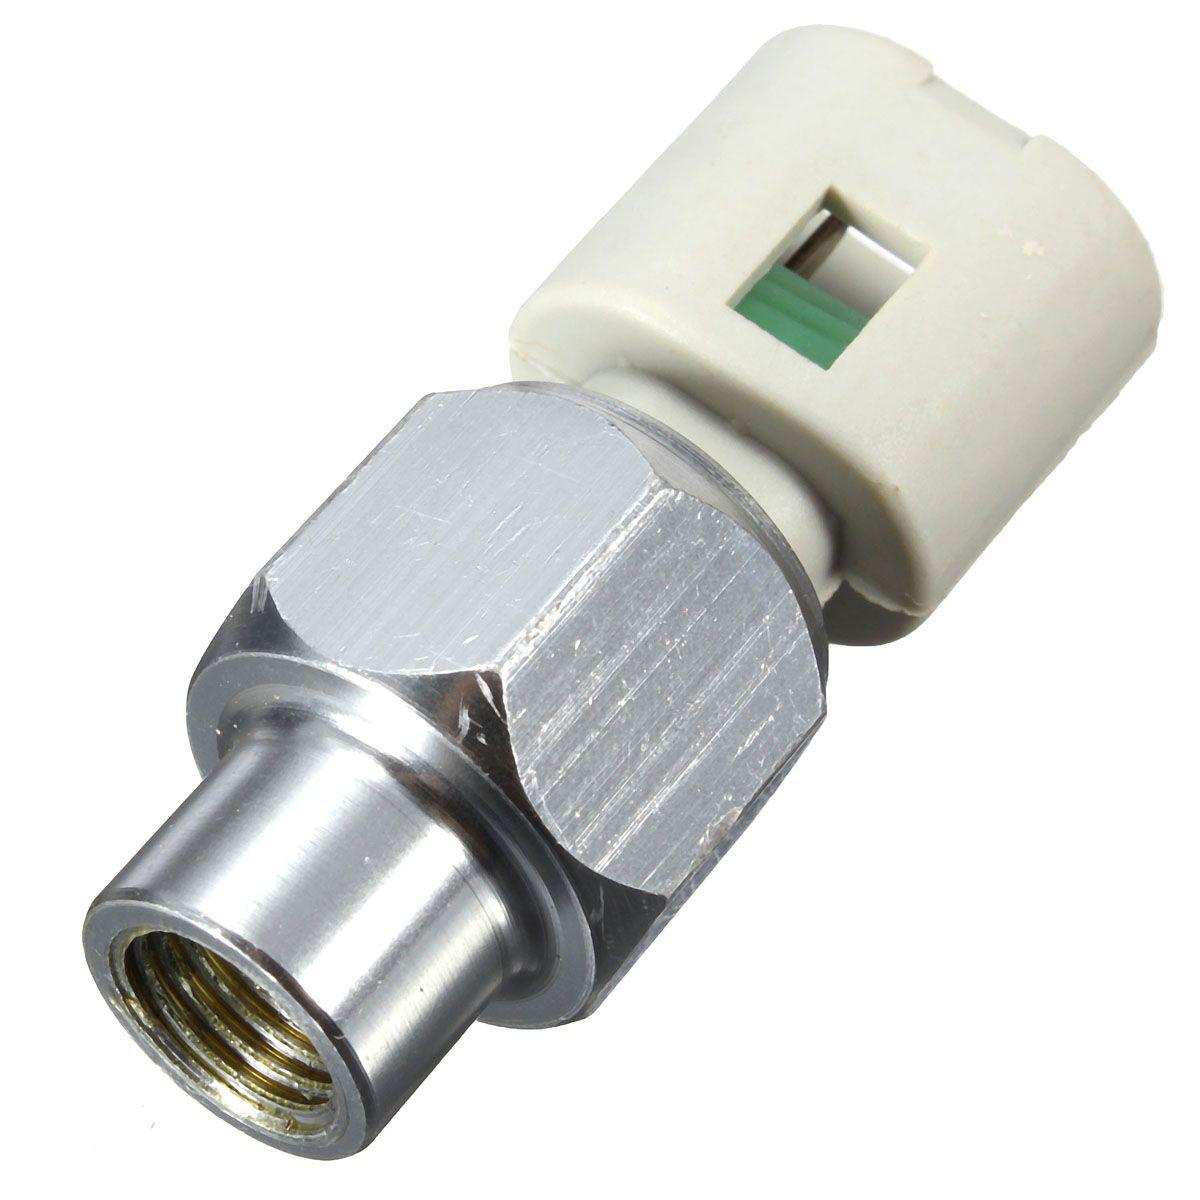 Servolenkung Druckschalter Sensor Für Renault/Clio/Megane/Laguna 497610324R